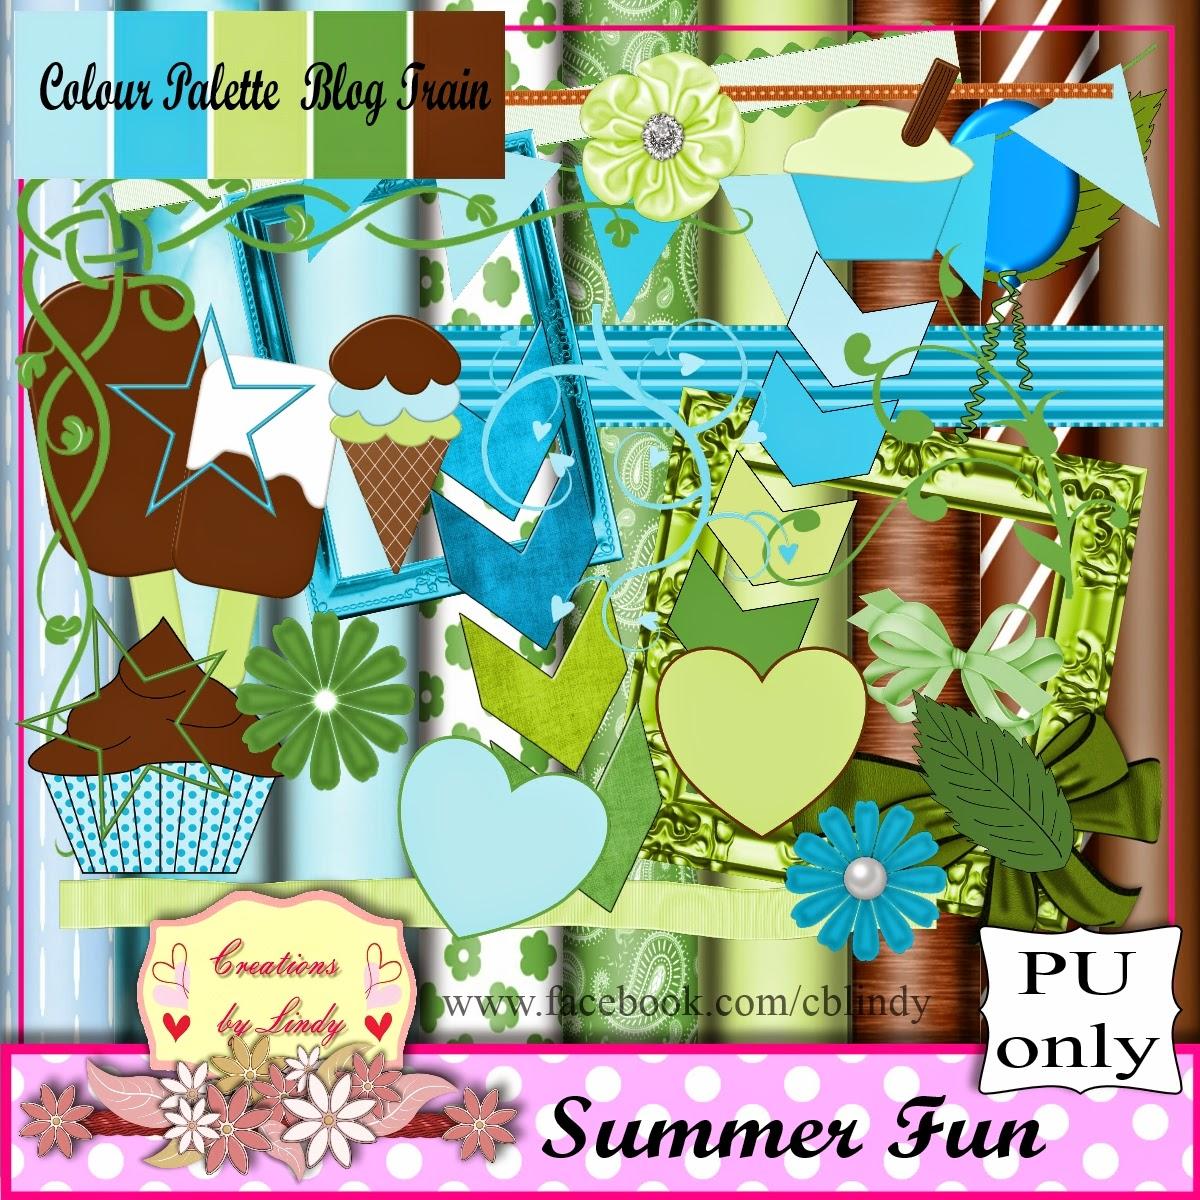 http://2.bp.blogspot.com/-Zv8NLUcgS0E/U9yaN6Jl03I/AAAAAAAAAS8/adii2USeQyM/s1600/cbl_summer_fun_image.jpg